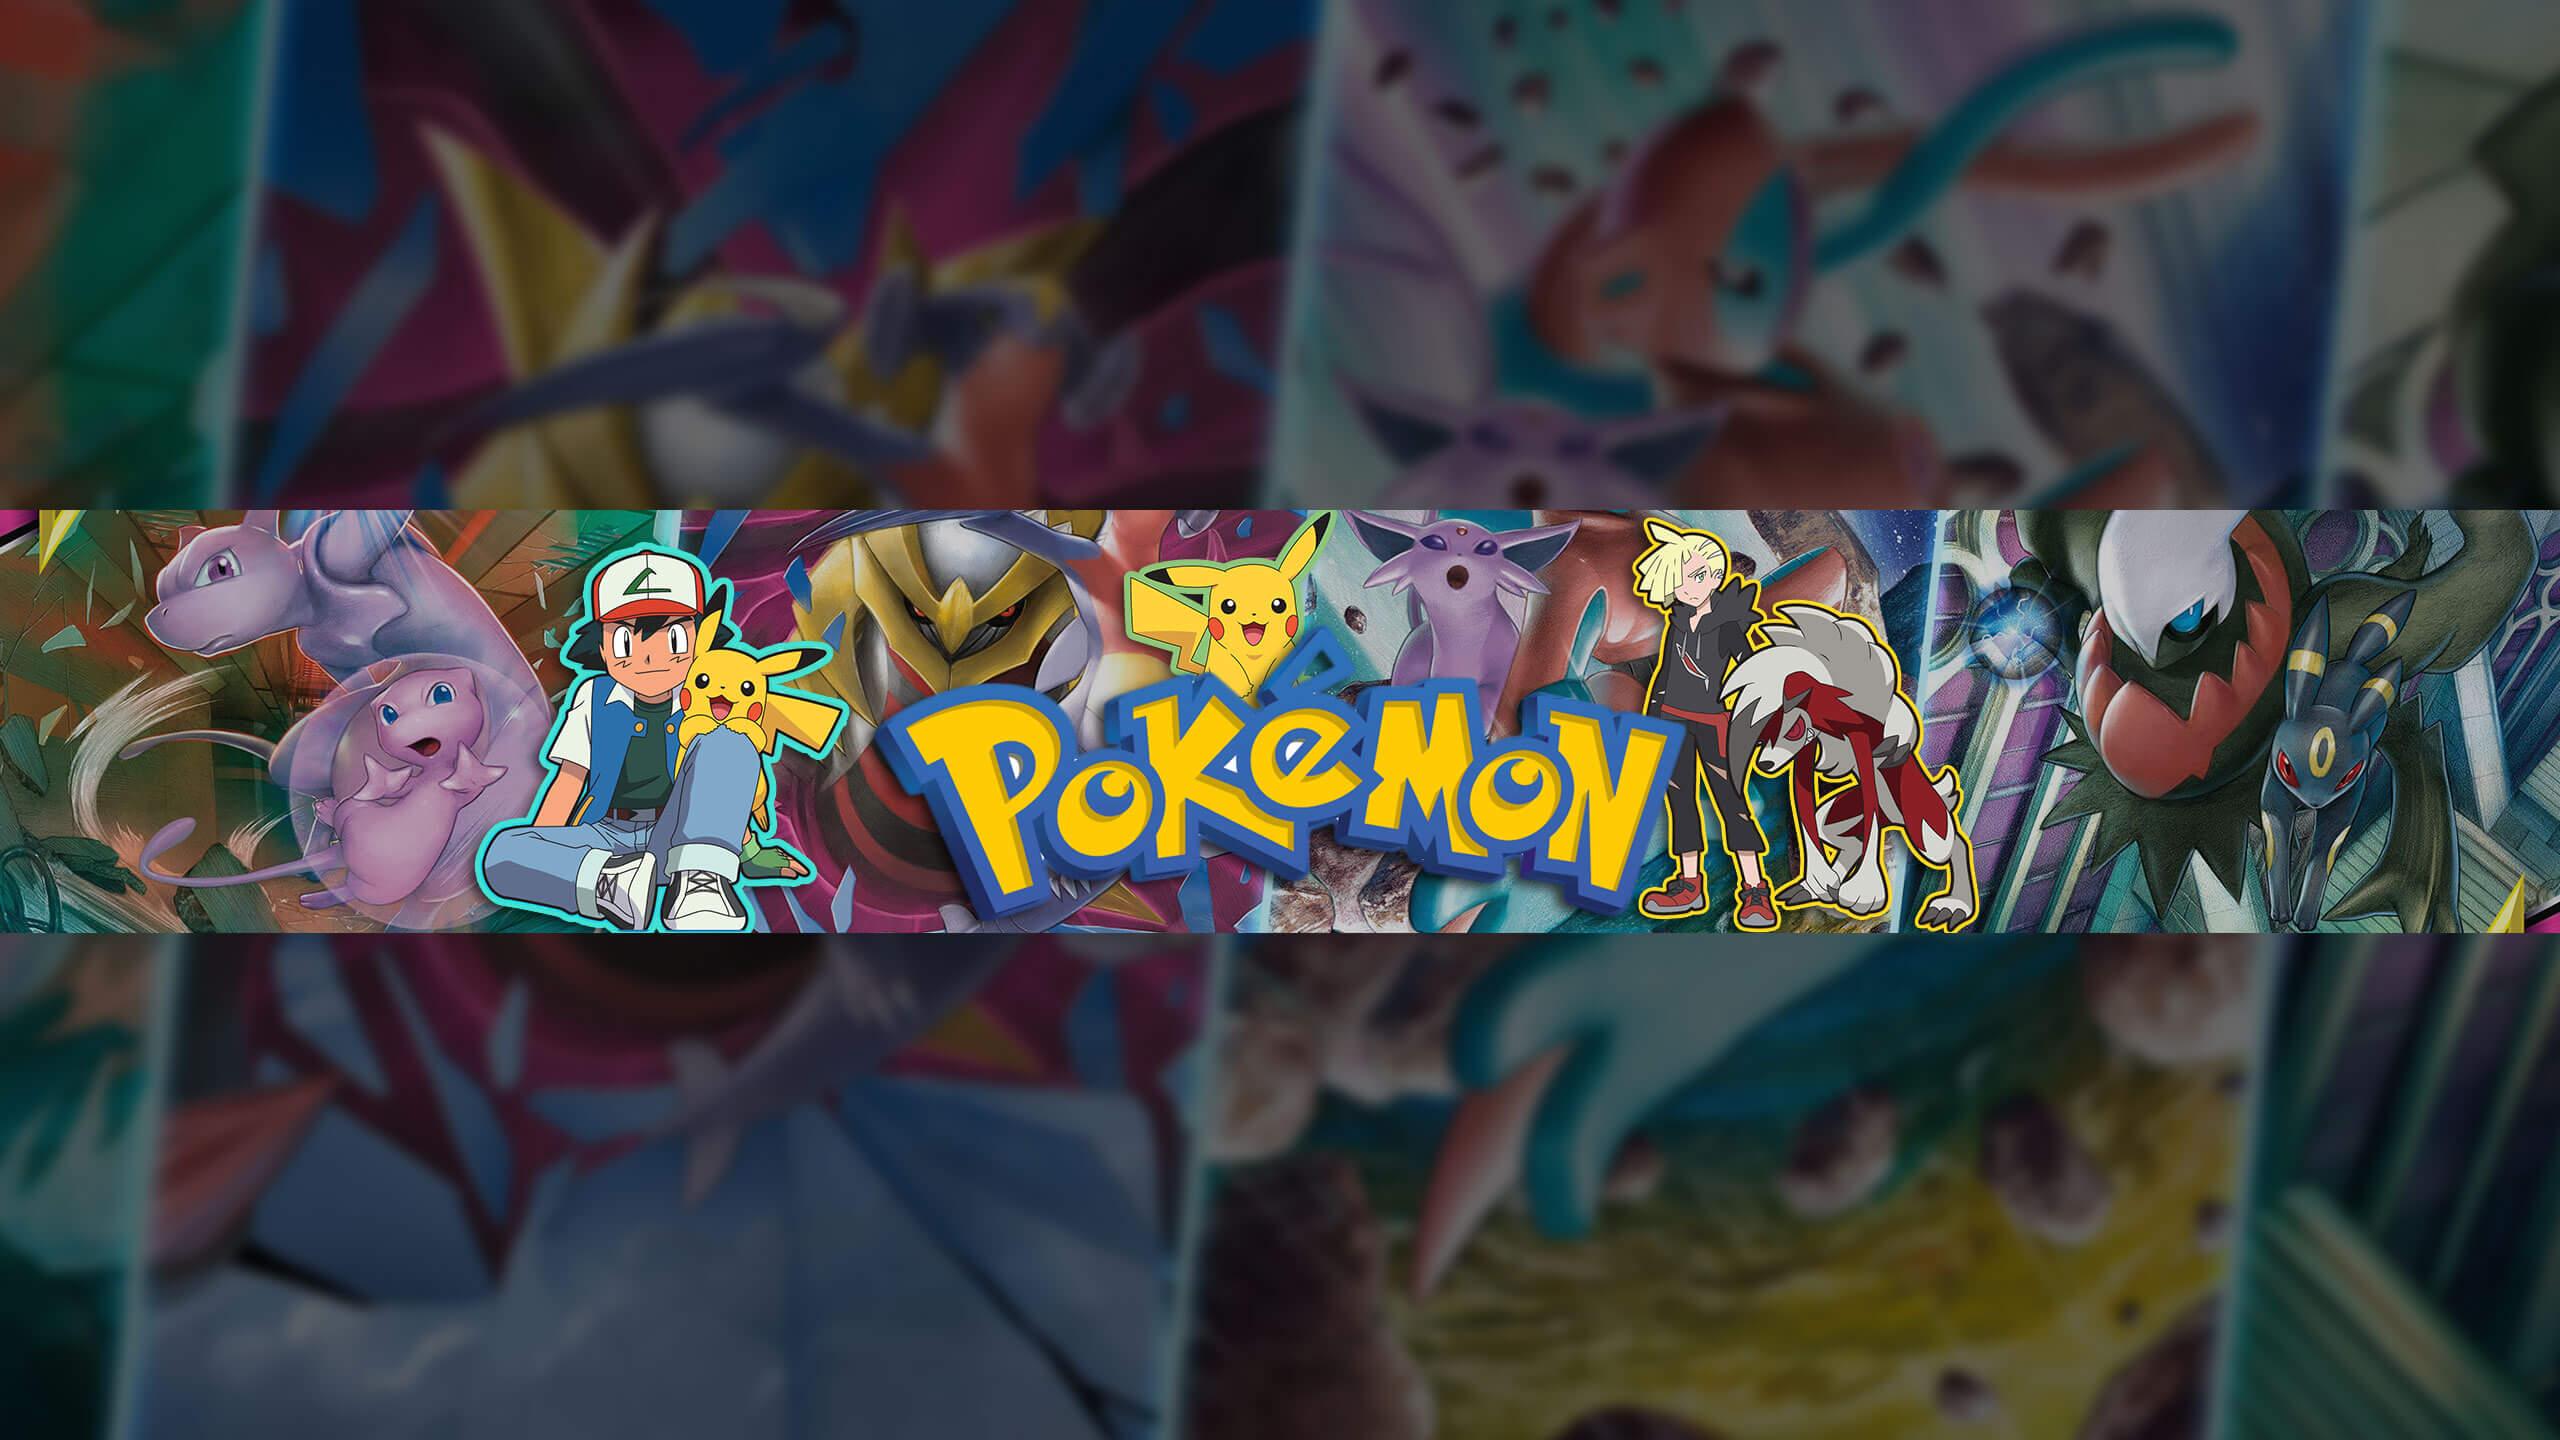 Картинка для аниме шапки для ютуба 2560 х 1440 с персонажами мультика покемоны.